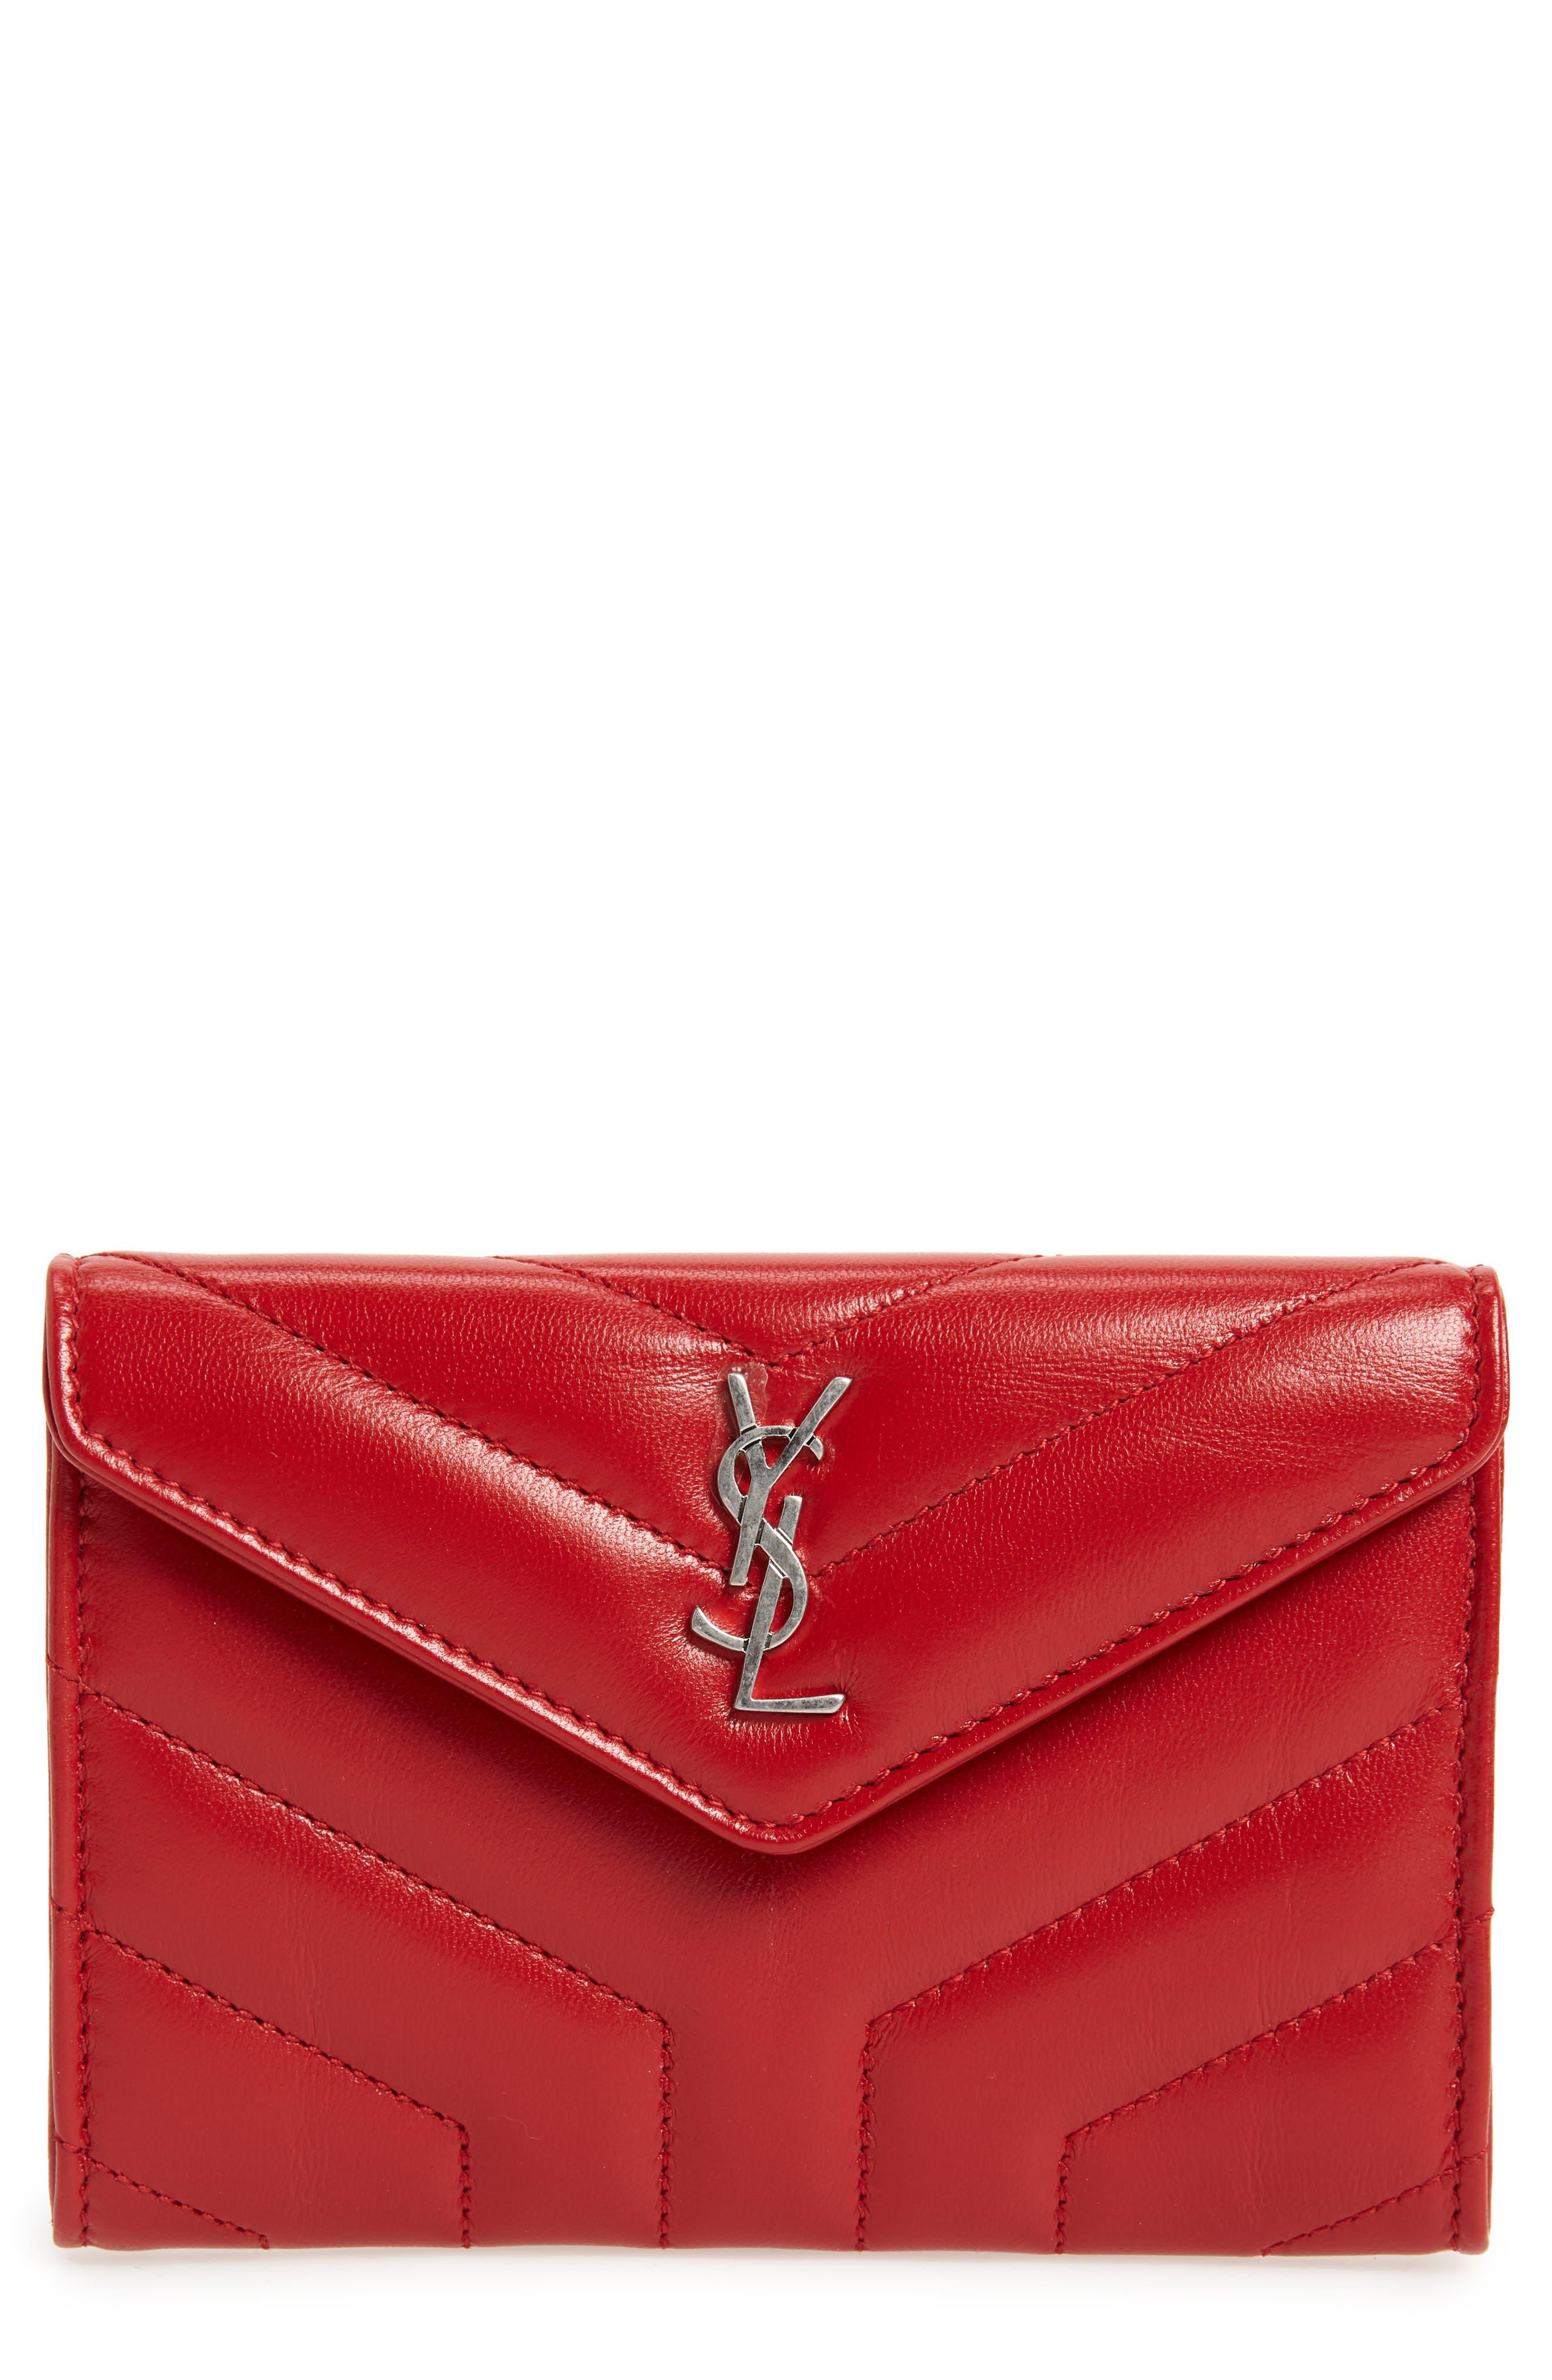 Small Loulou Matelassé Leather Wallet,                             Main thumbnail 1, color,                             Rouge Eros